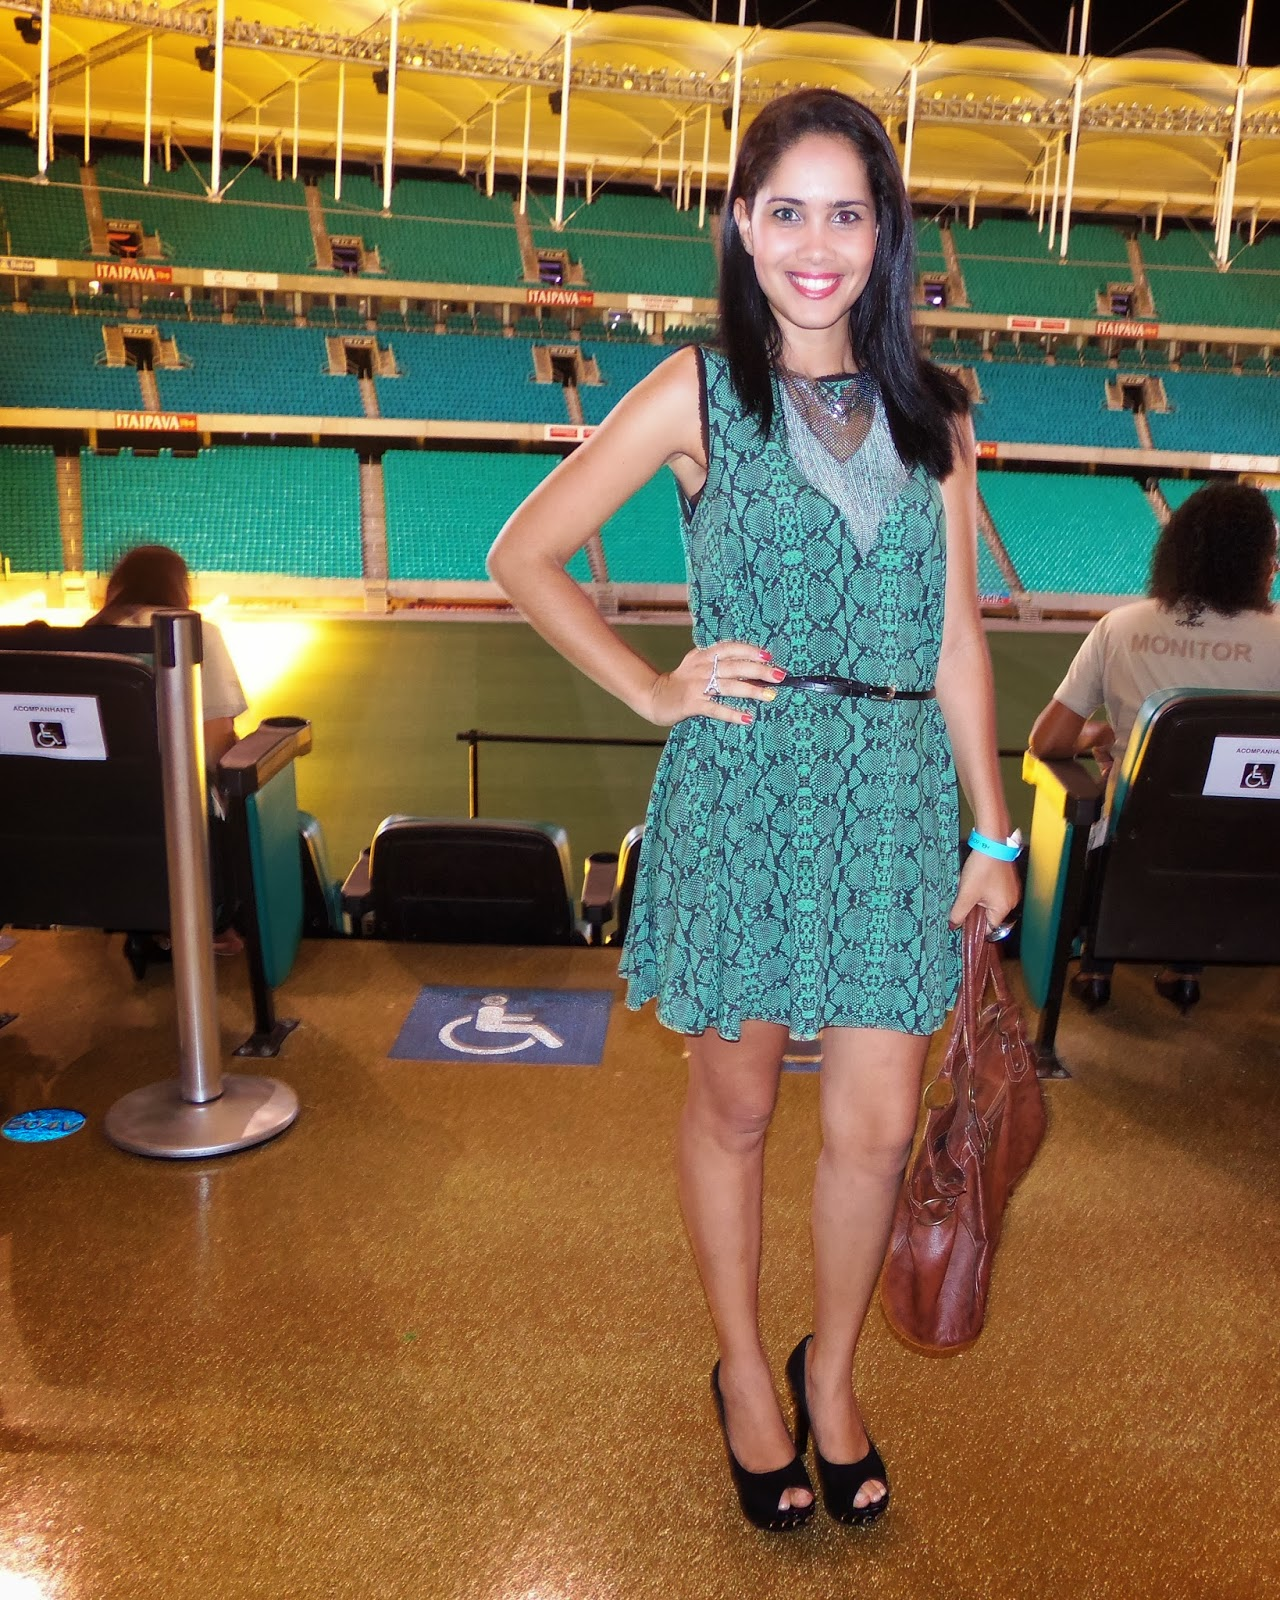 Esse foi  meu look pra prestigiar o 2° dia do Bahia Moda Design que aconteceu na Itaipava Arena Fonte Nova. Um vestidinho básico, mas confortável, que a depender da troca de acessórios pode ir para diversos lugares diferentes e arrasar.